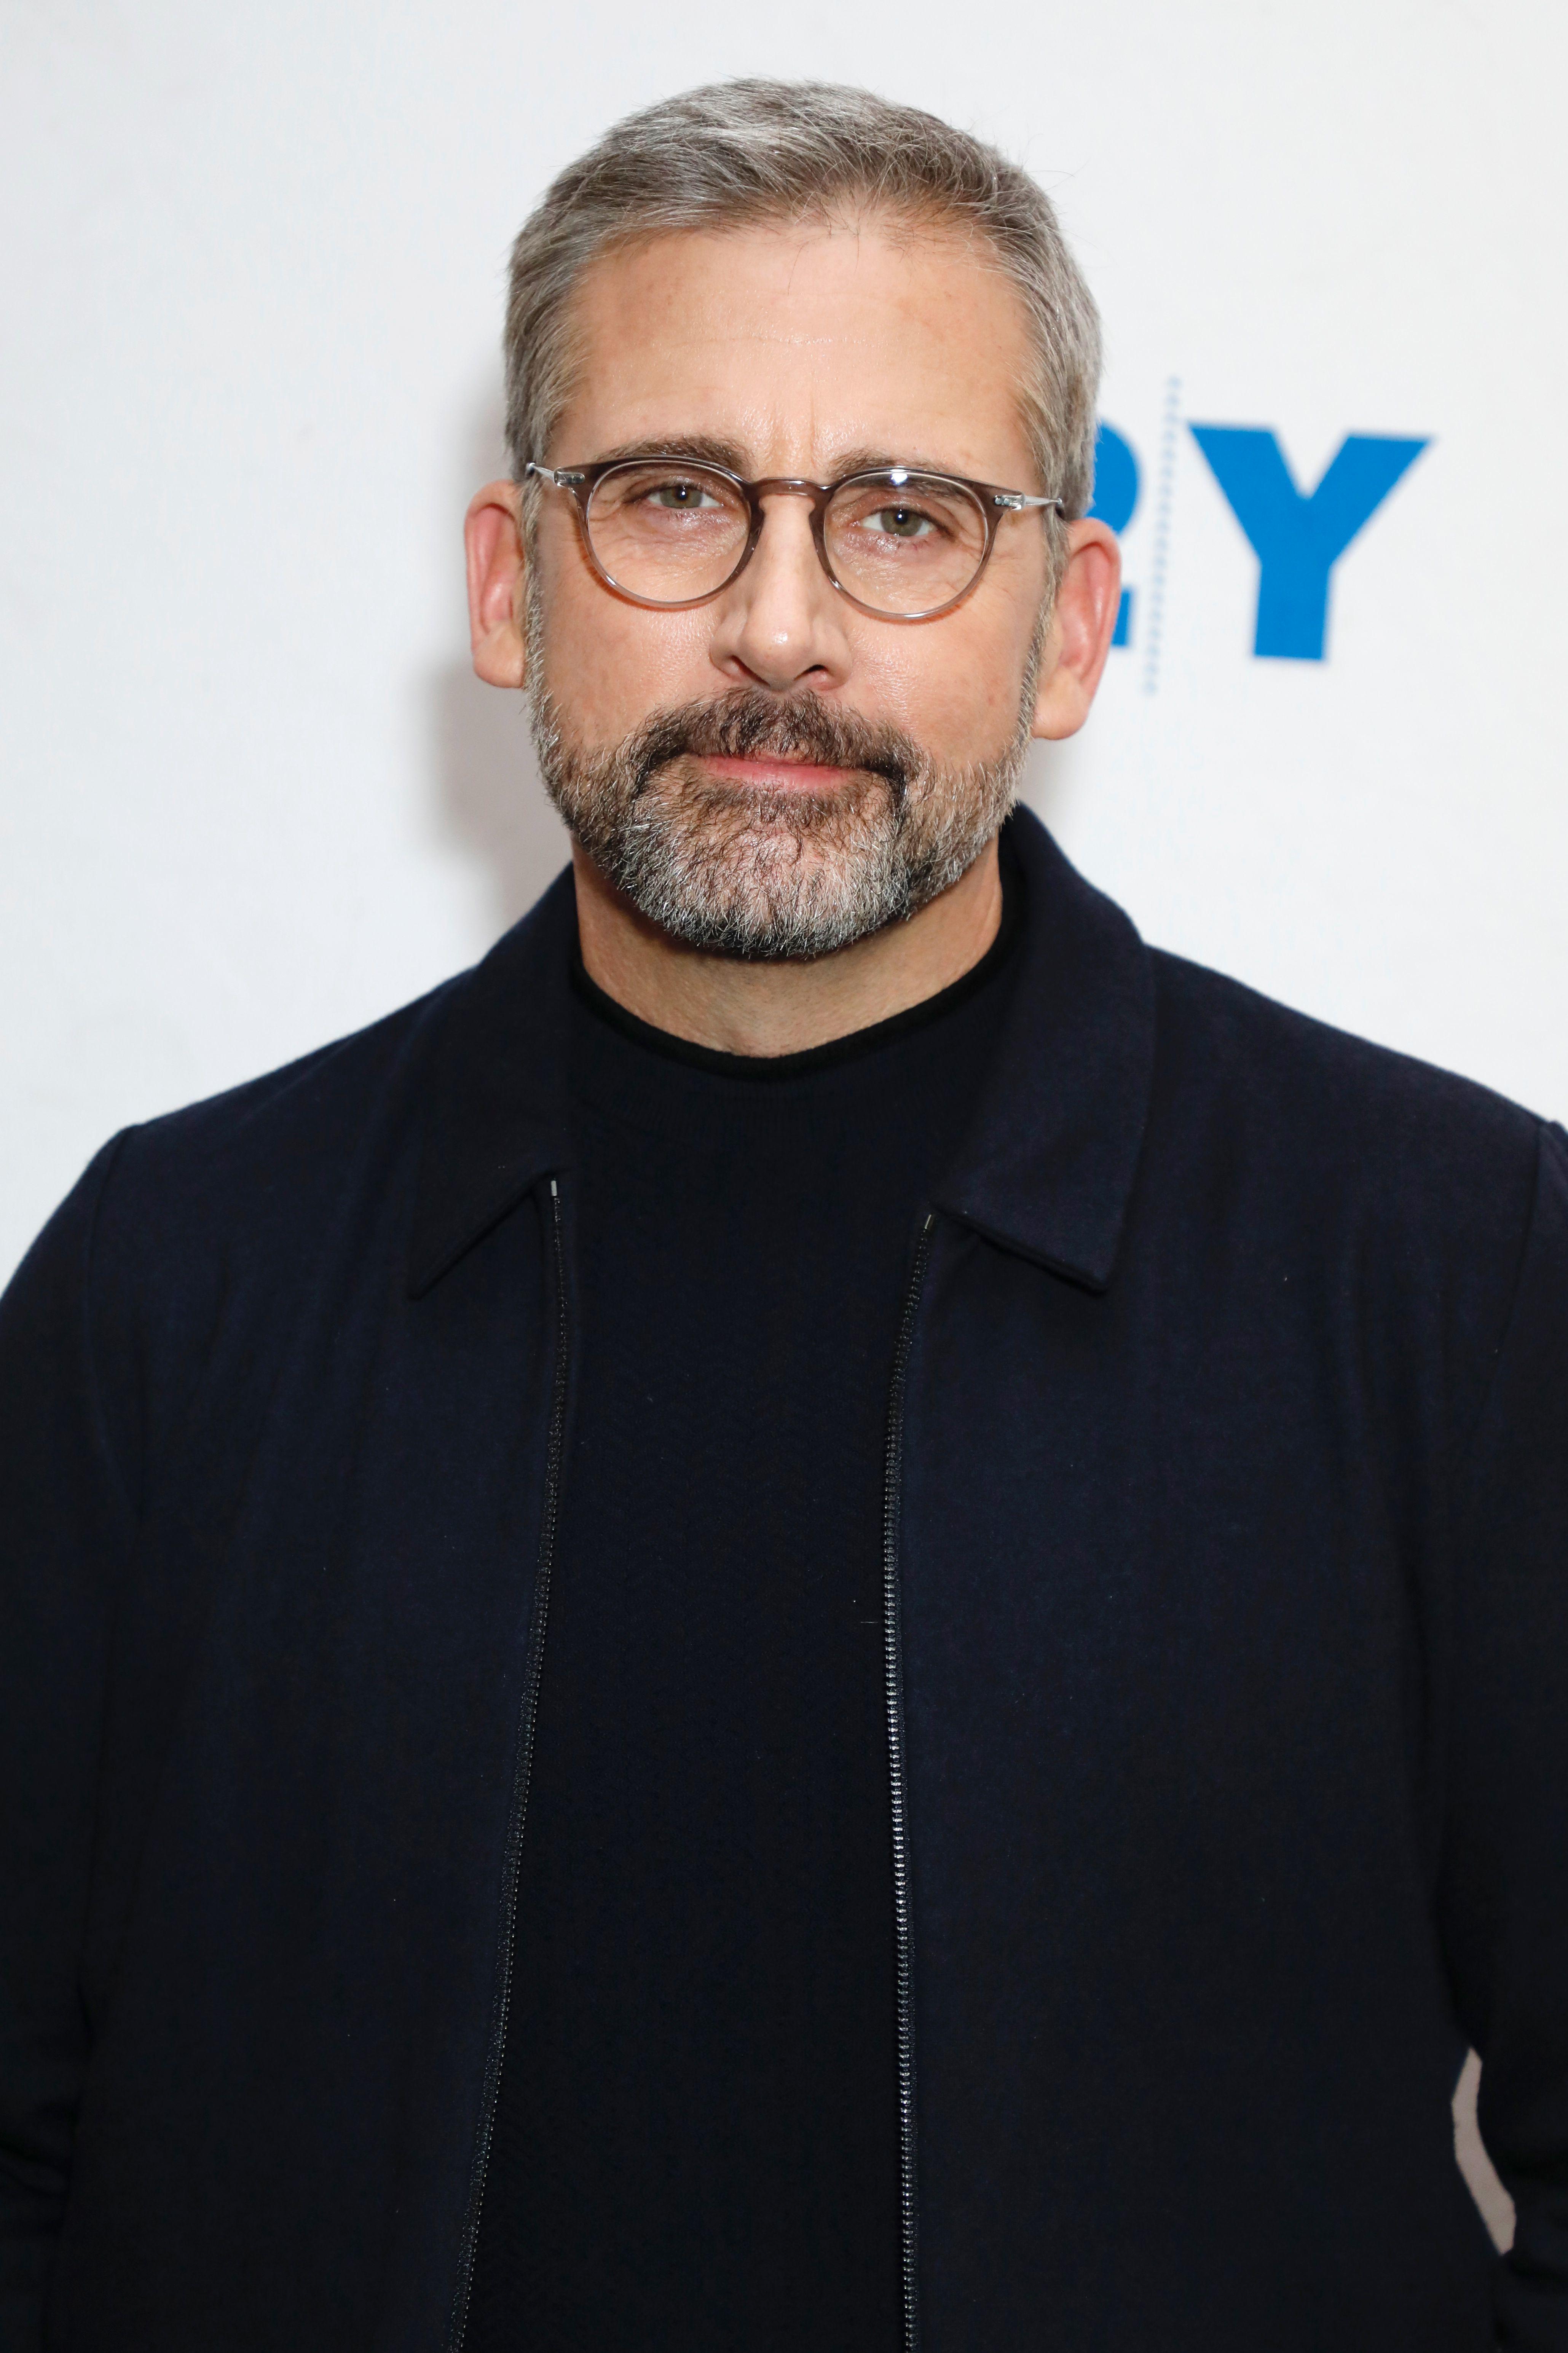 Hottest actors over 50 | Gallery | Wonderwall com